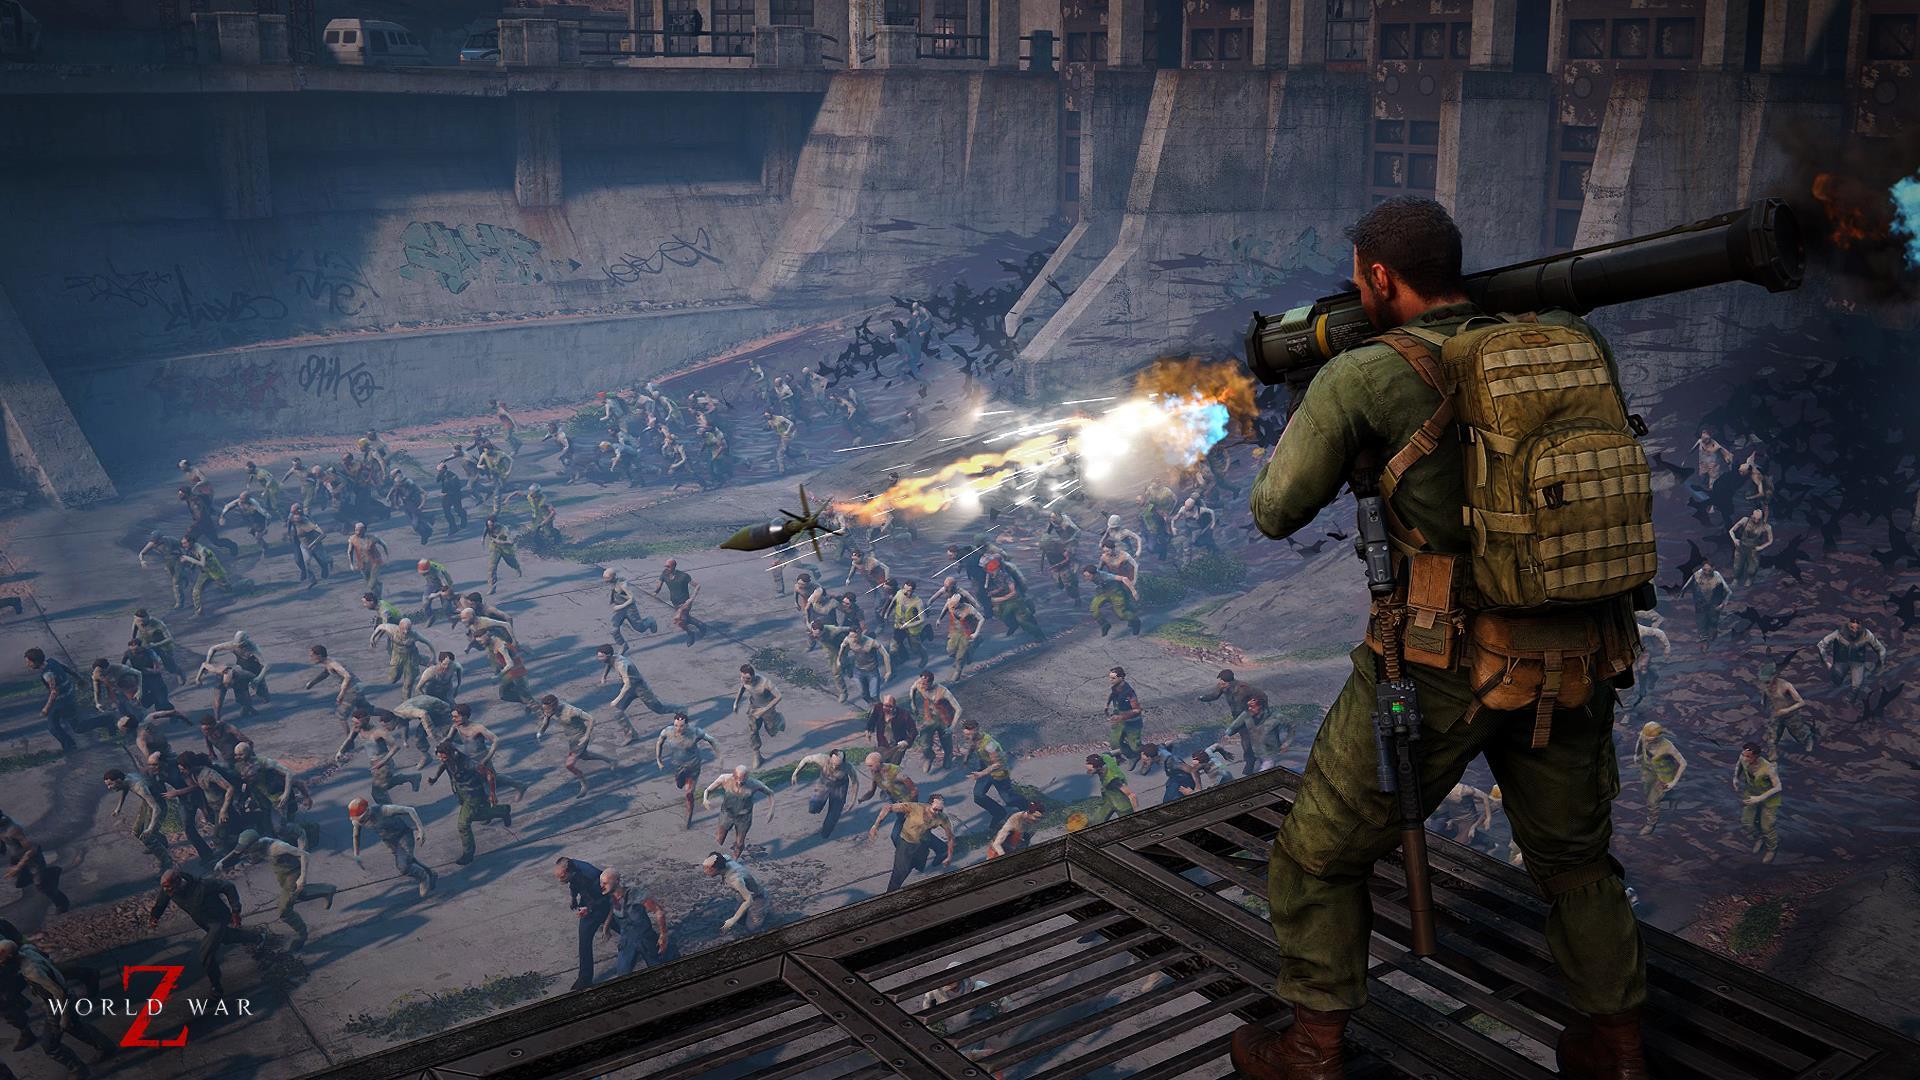 Epic Games Store is World War Z's biggest digital platform, says dev - VG247